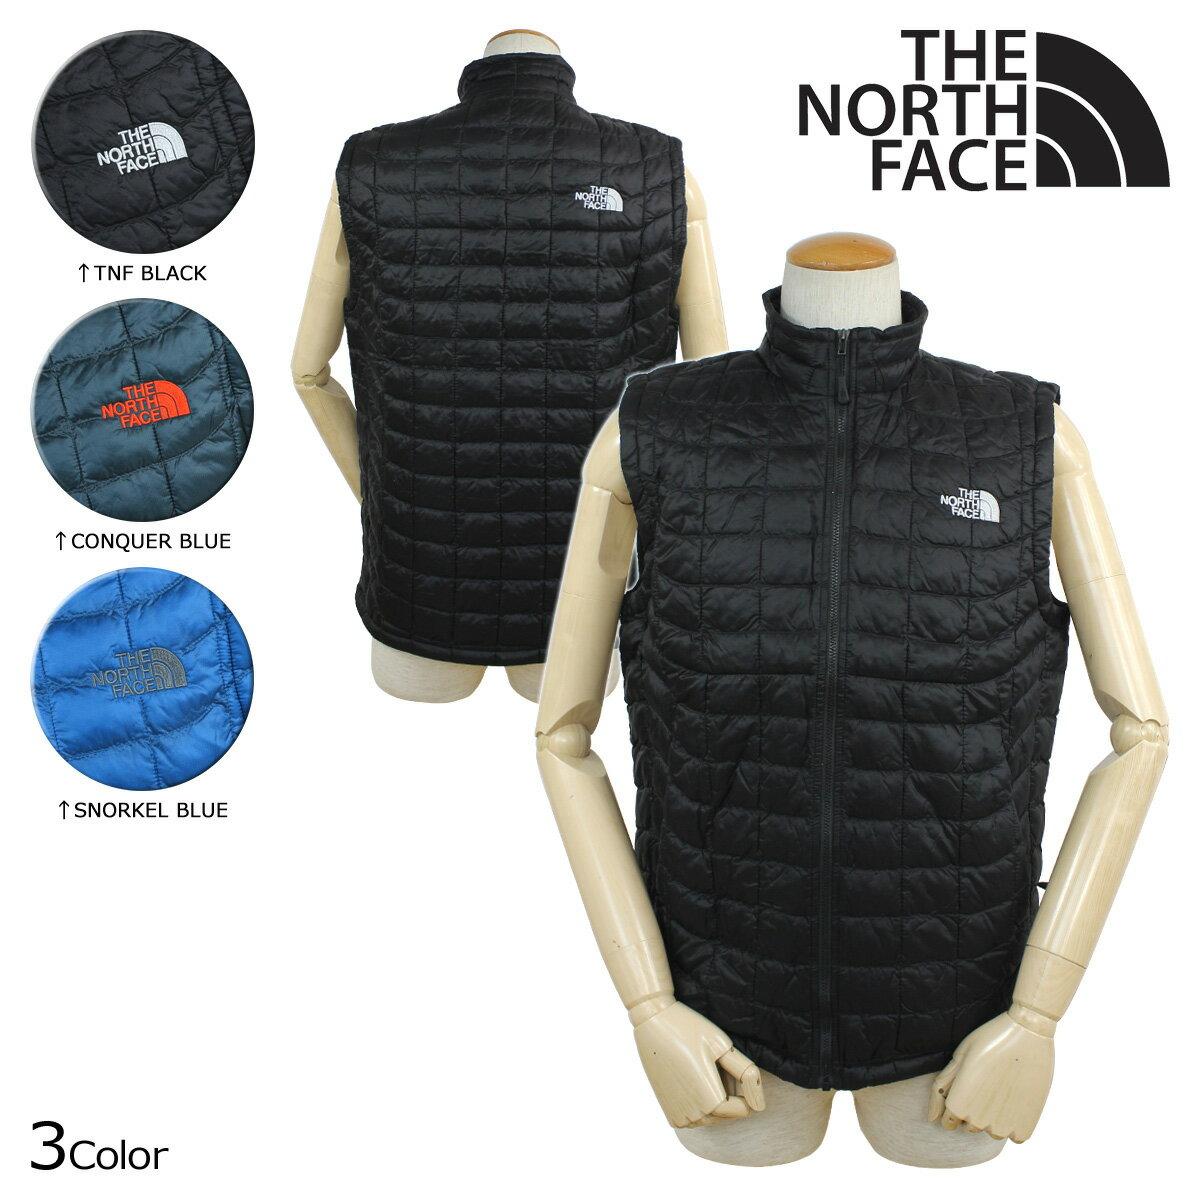 THE NORTH FACE ノースフェイス ベスト キルティングベスト MEN'S THERMOBALL VEST メンズ